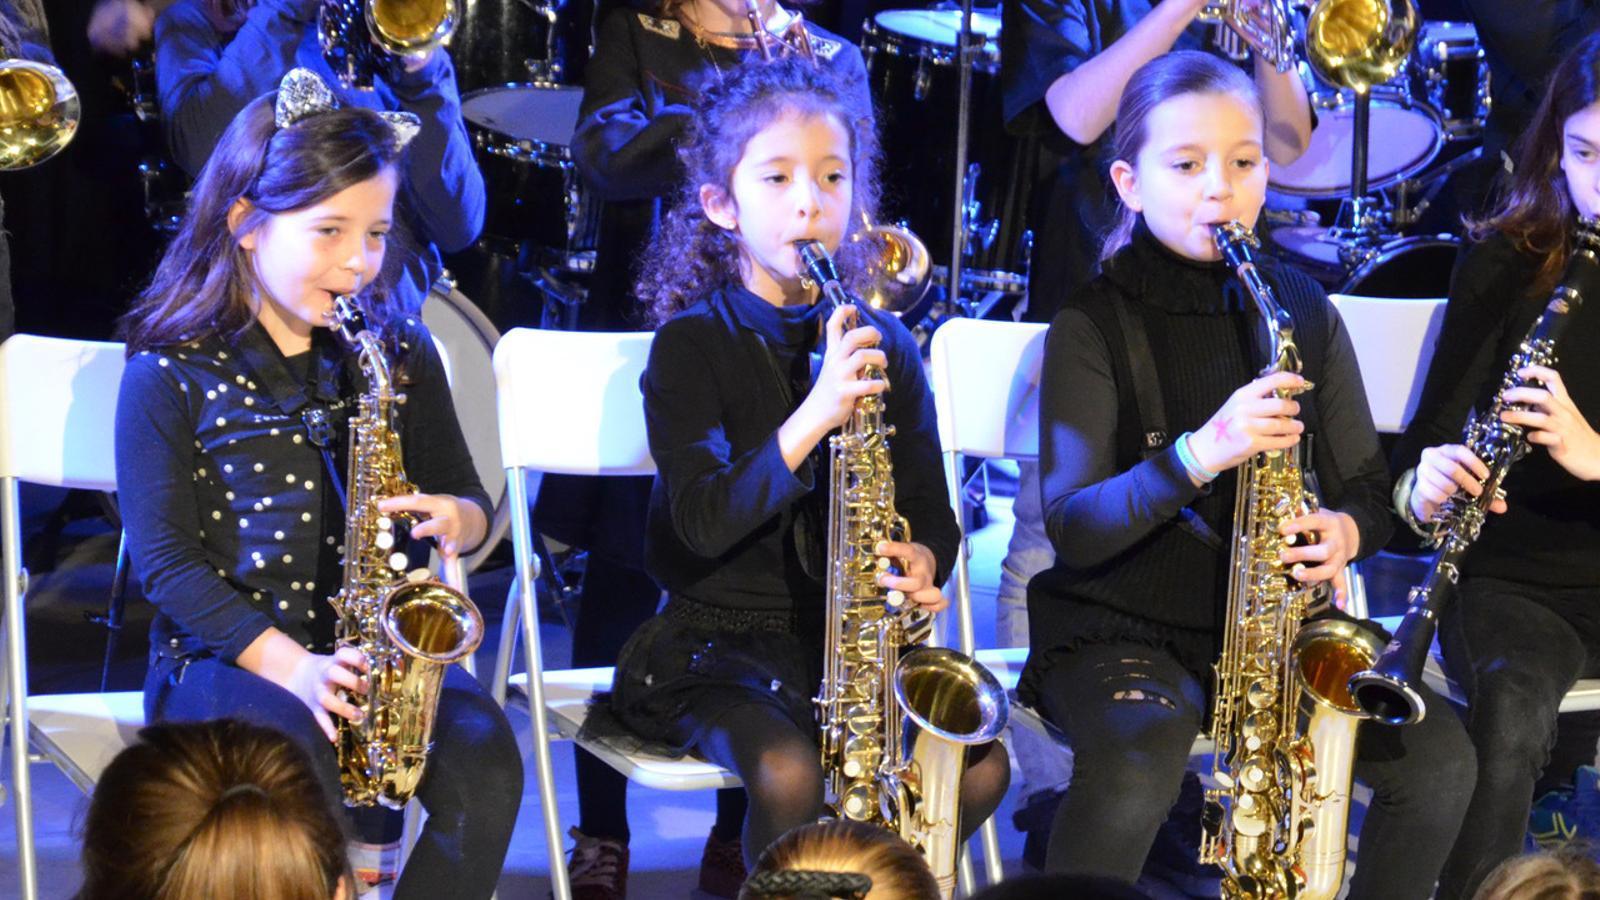 Una foto d'una big band infantil